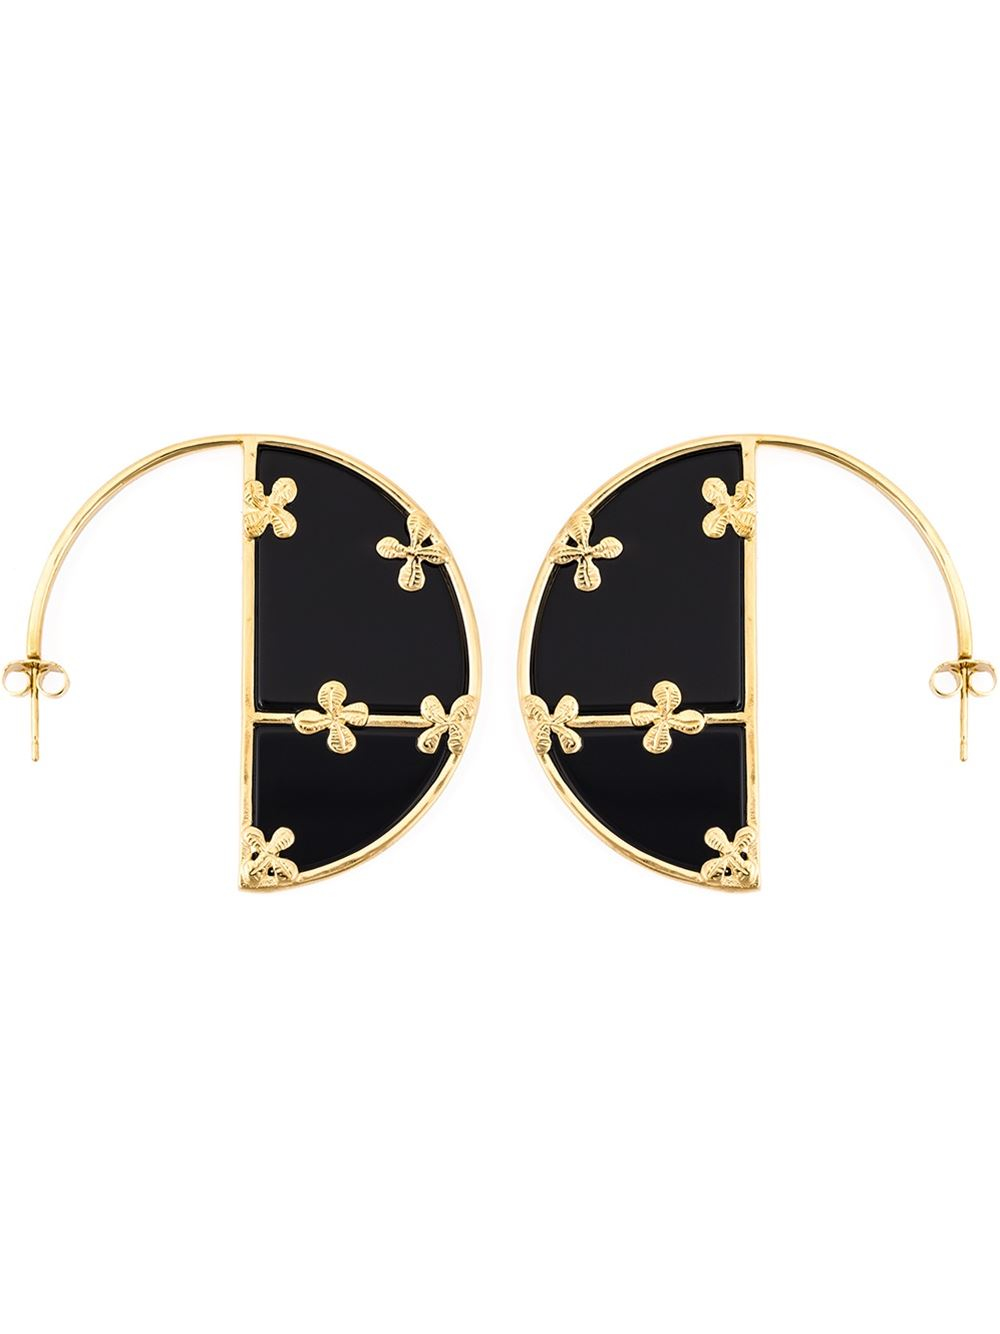 Aurélie Bidermann Bianca Onyx hoop earrings 3Ong6ec4Y